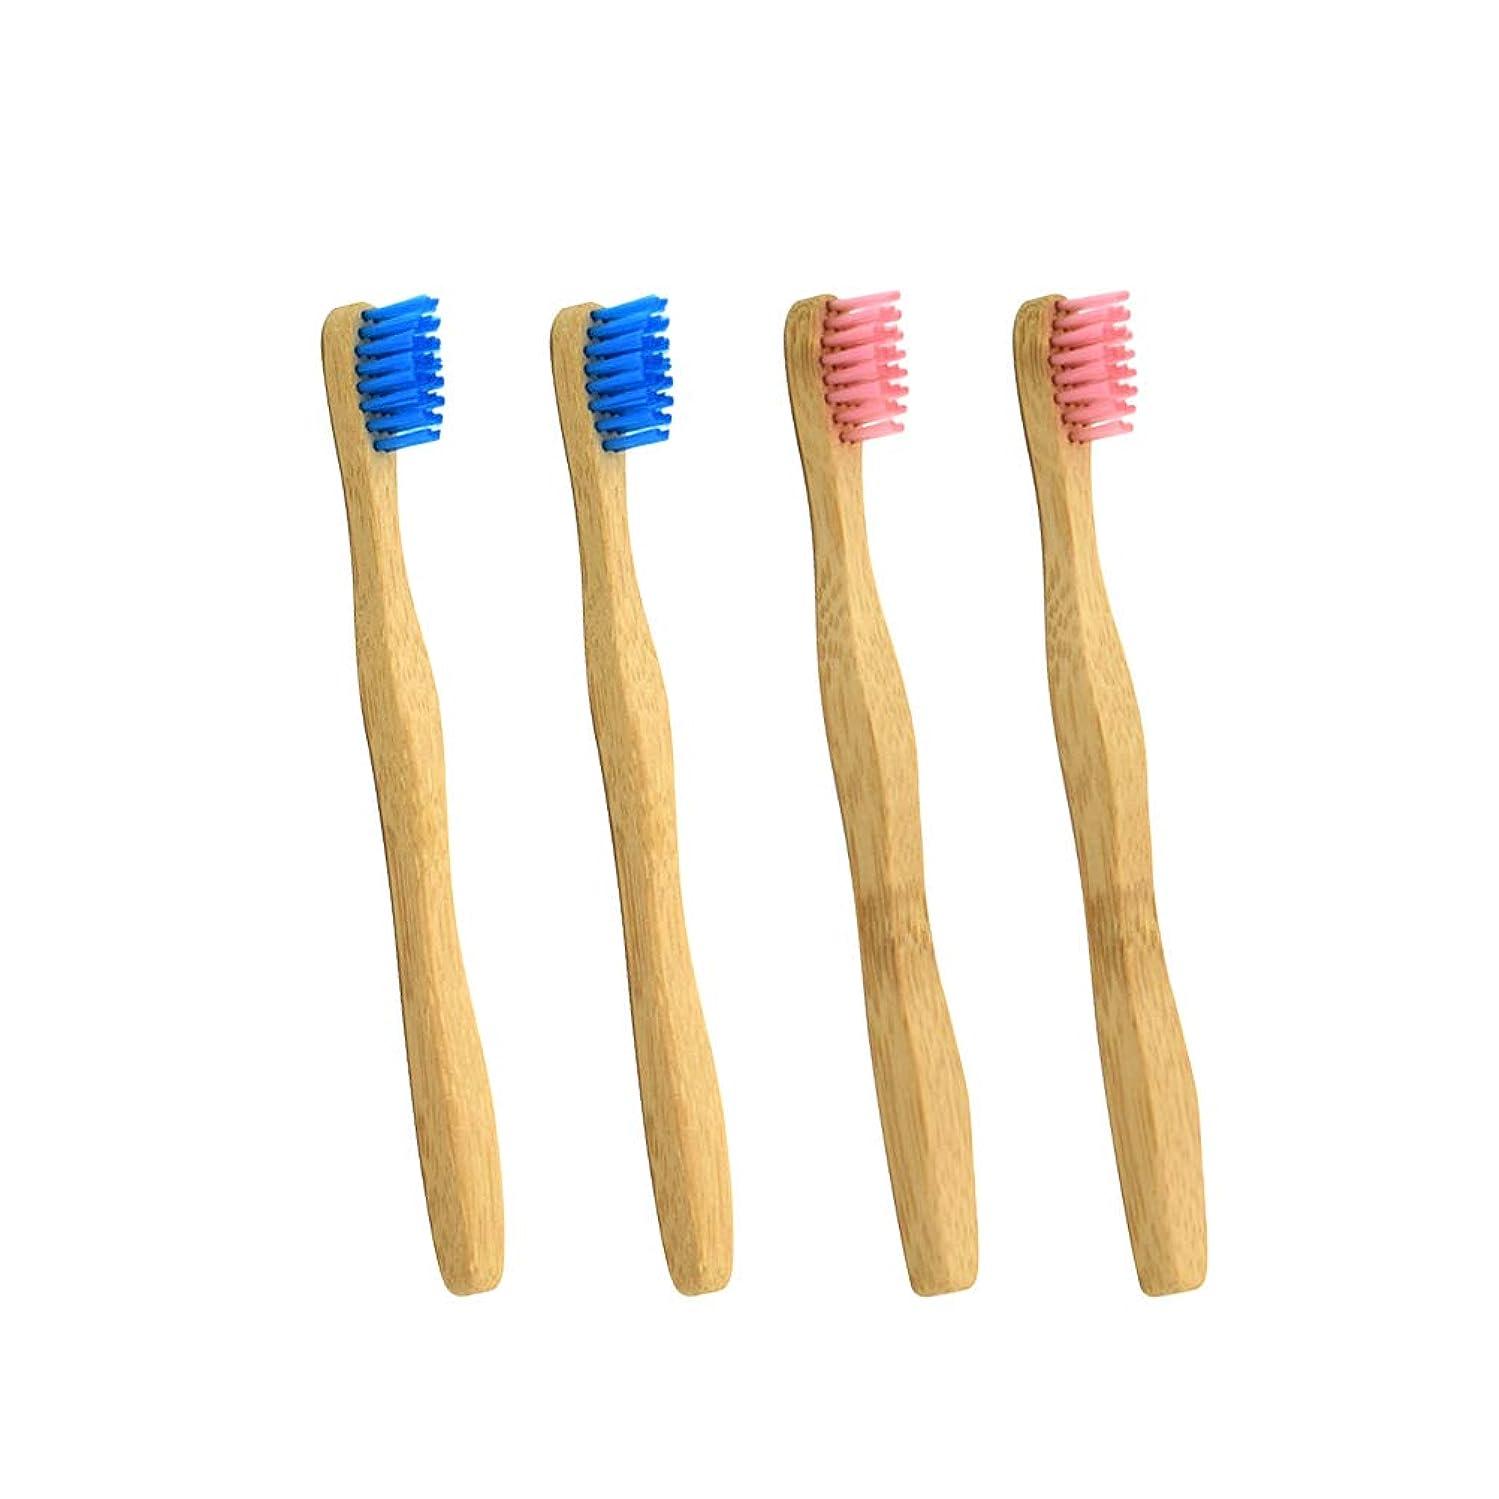 ここに世代バックアップHEALIFTY 子供の竹の歯ブラシ環境に優しい抗菌性の子供の歯ブラシ4本